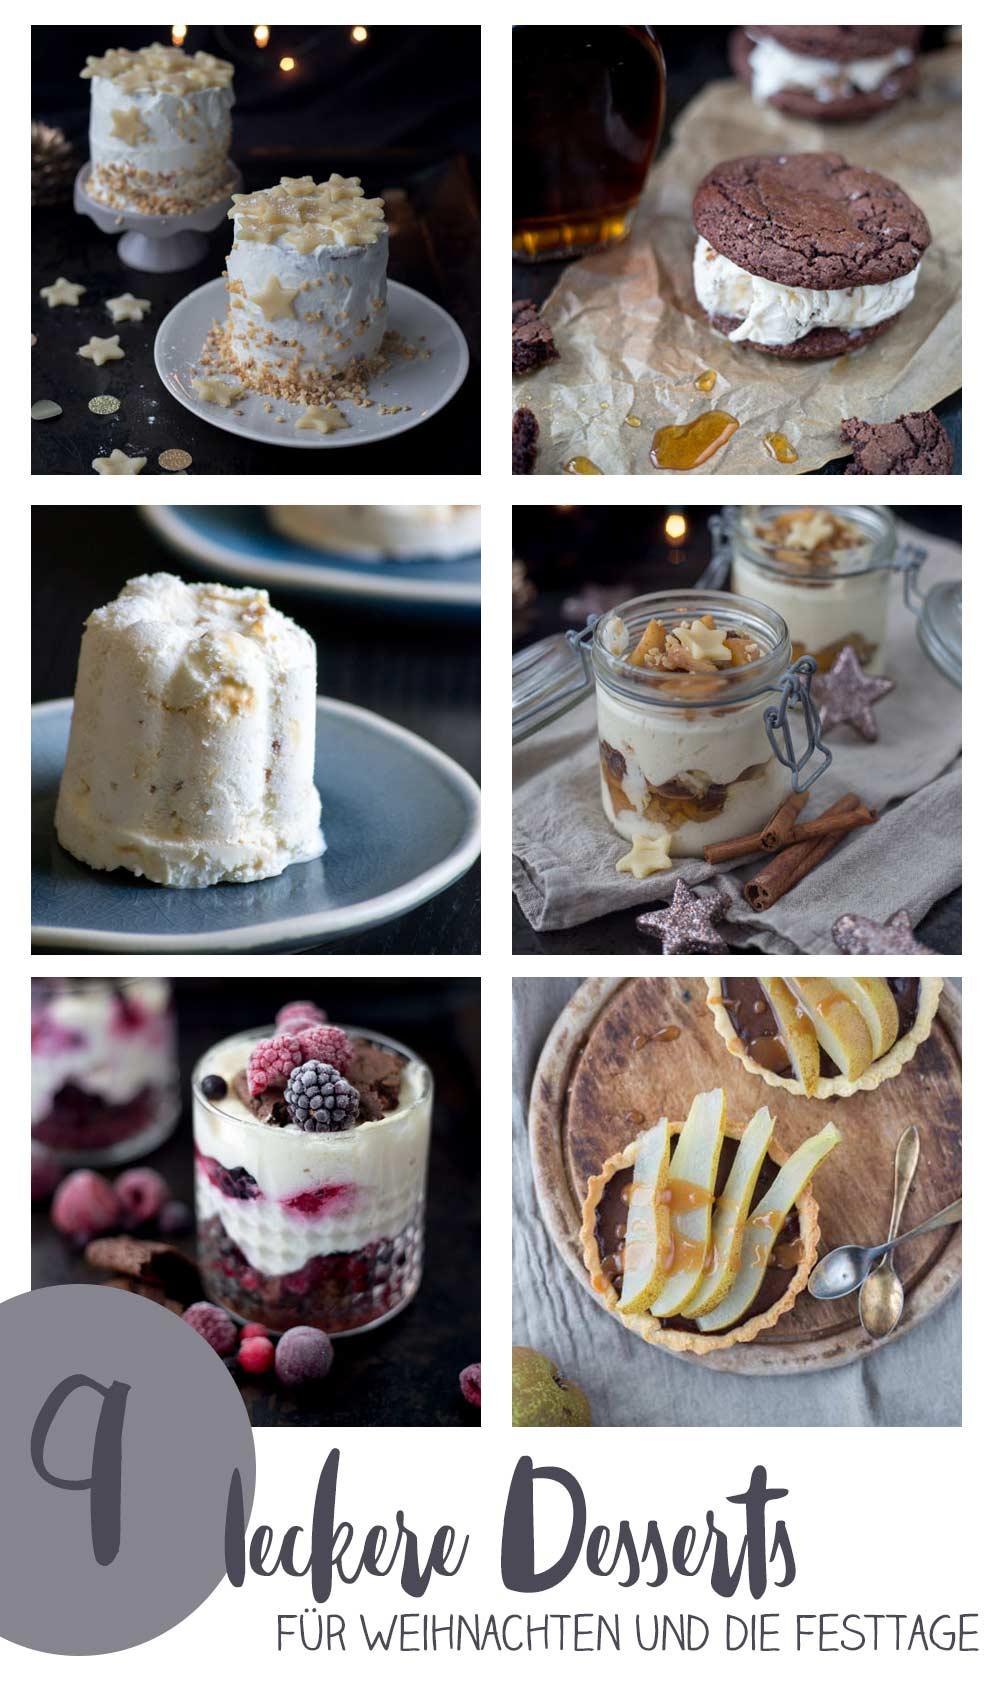 9 leckere Desserts für Weihnachten und die Festtage - Rezeptideen für festlichen Nachtisch